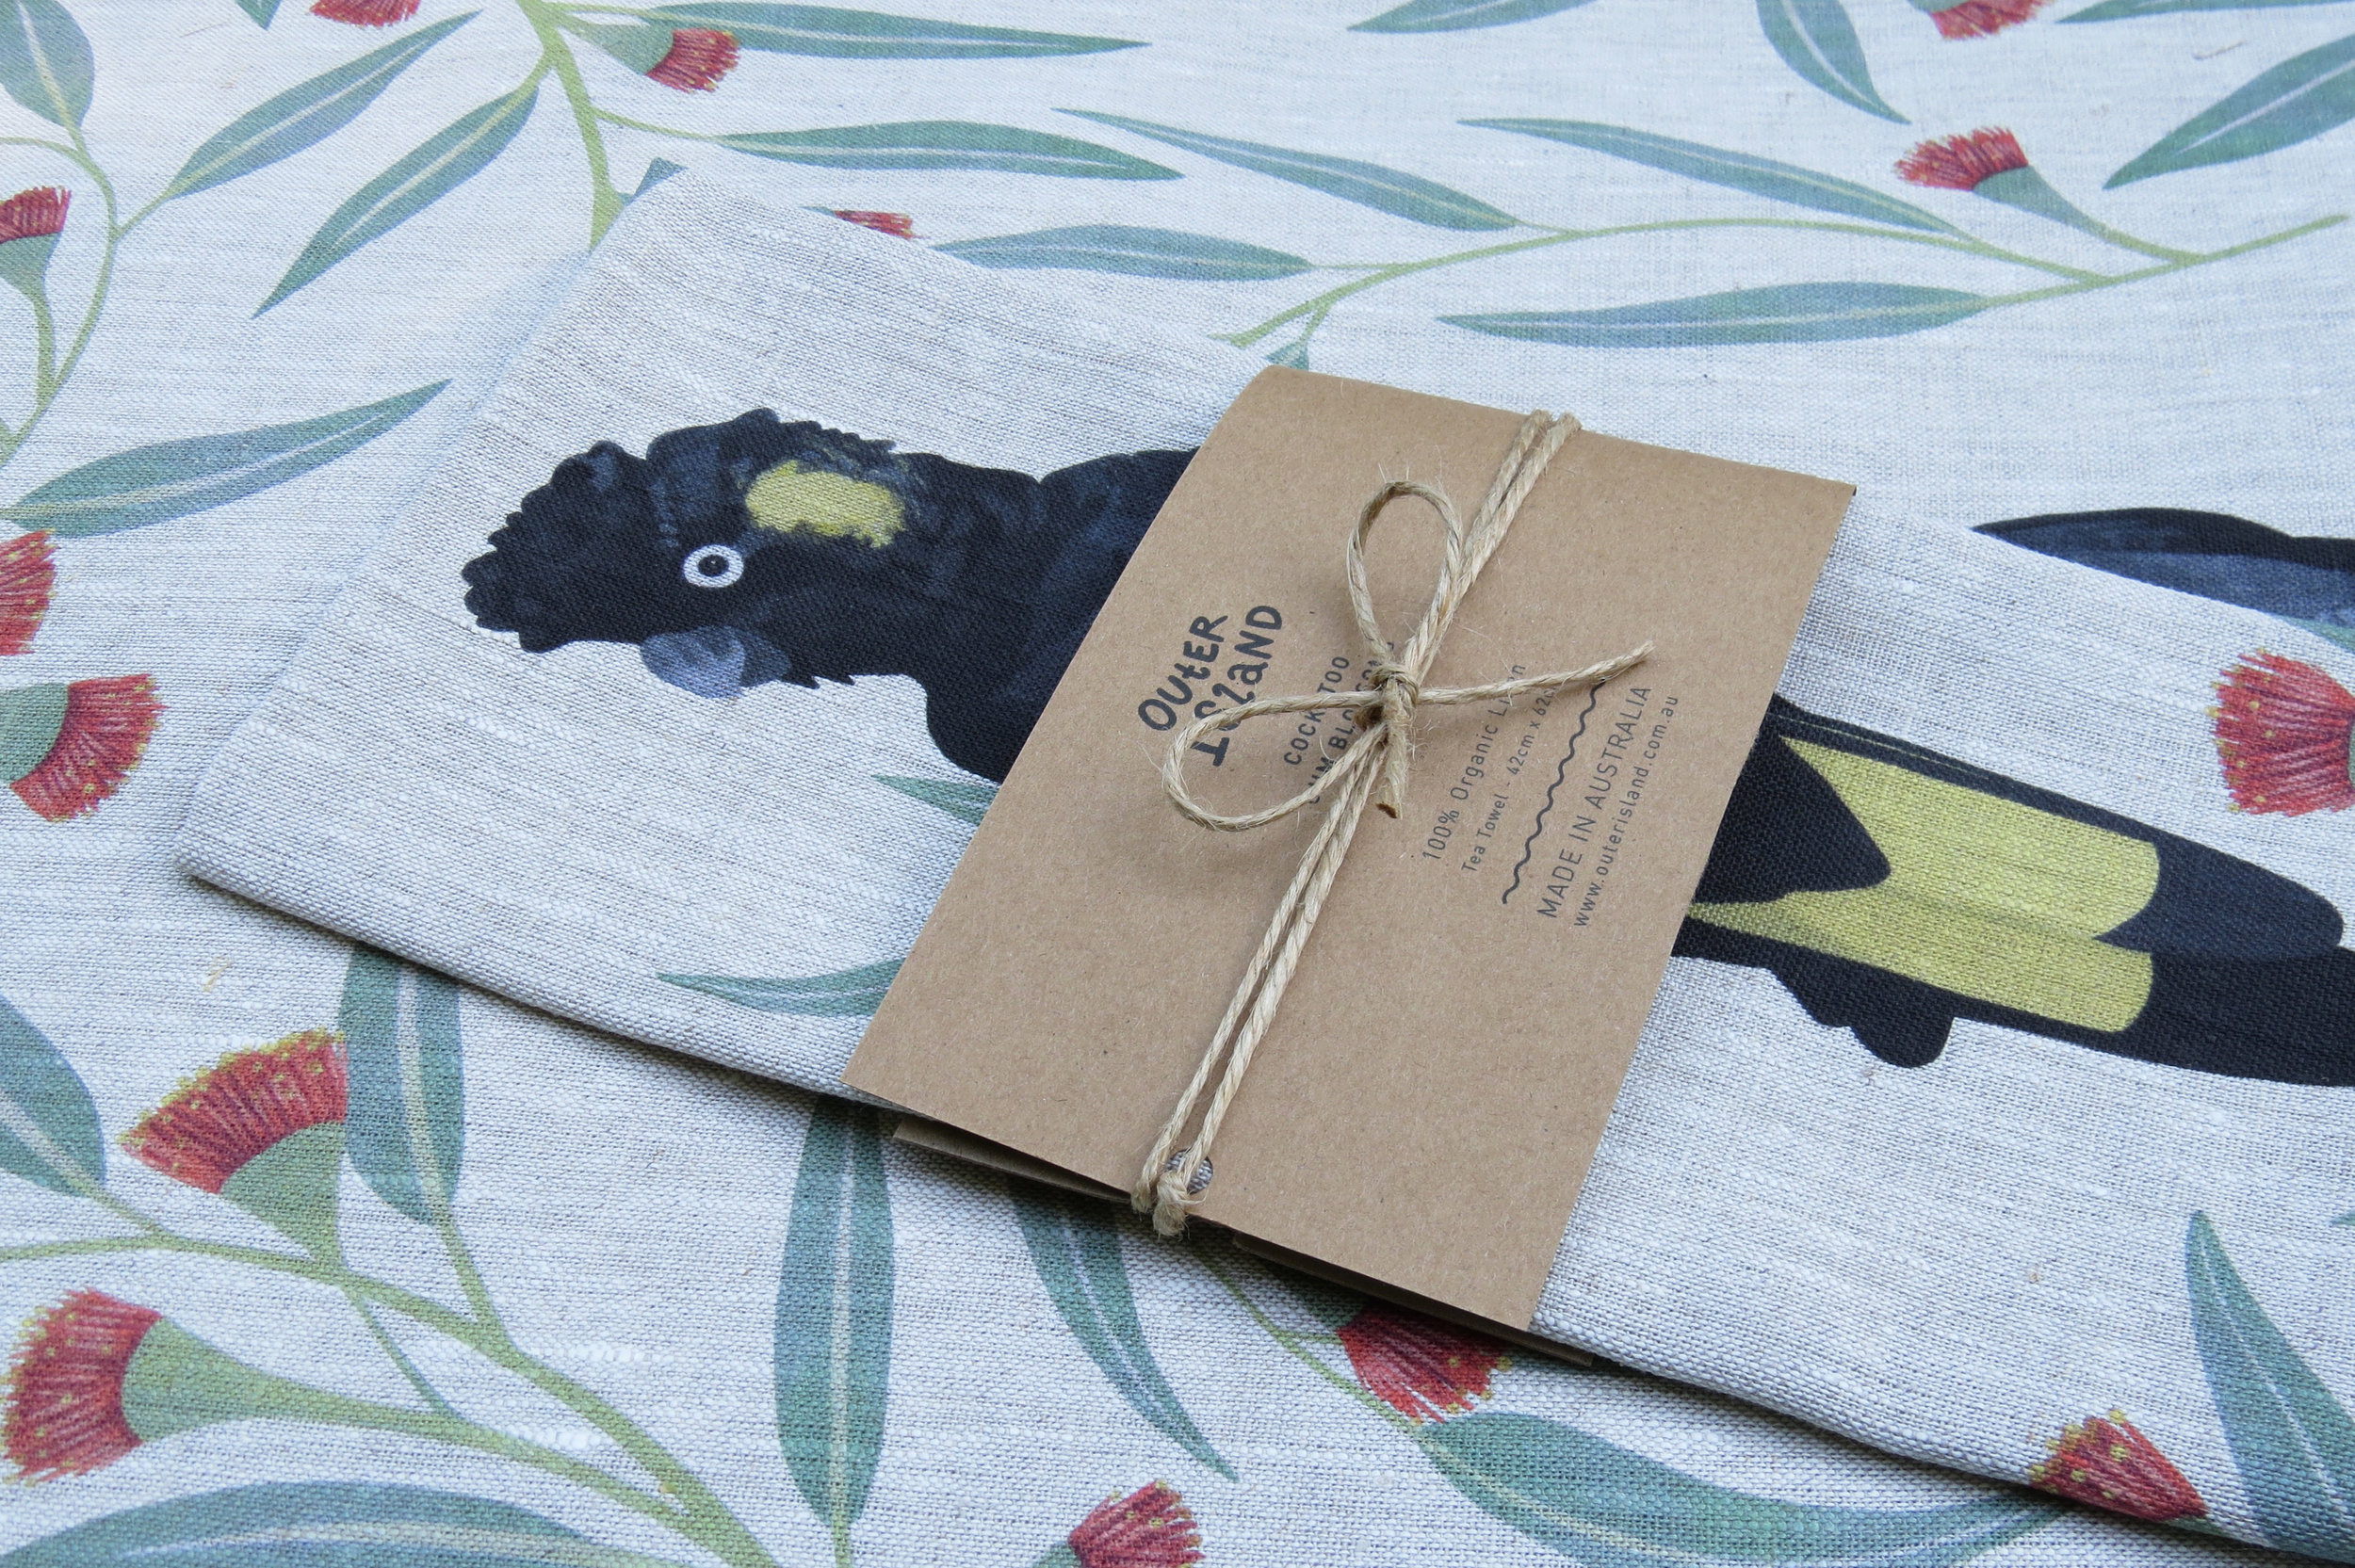 Black Cockatoo Tea Towel.jpg